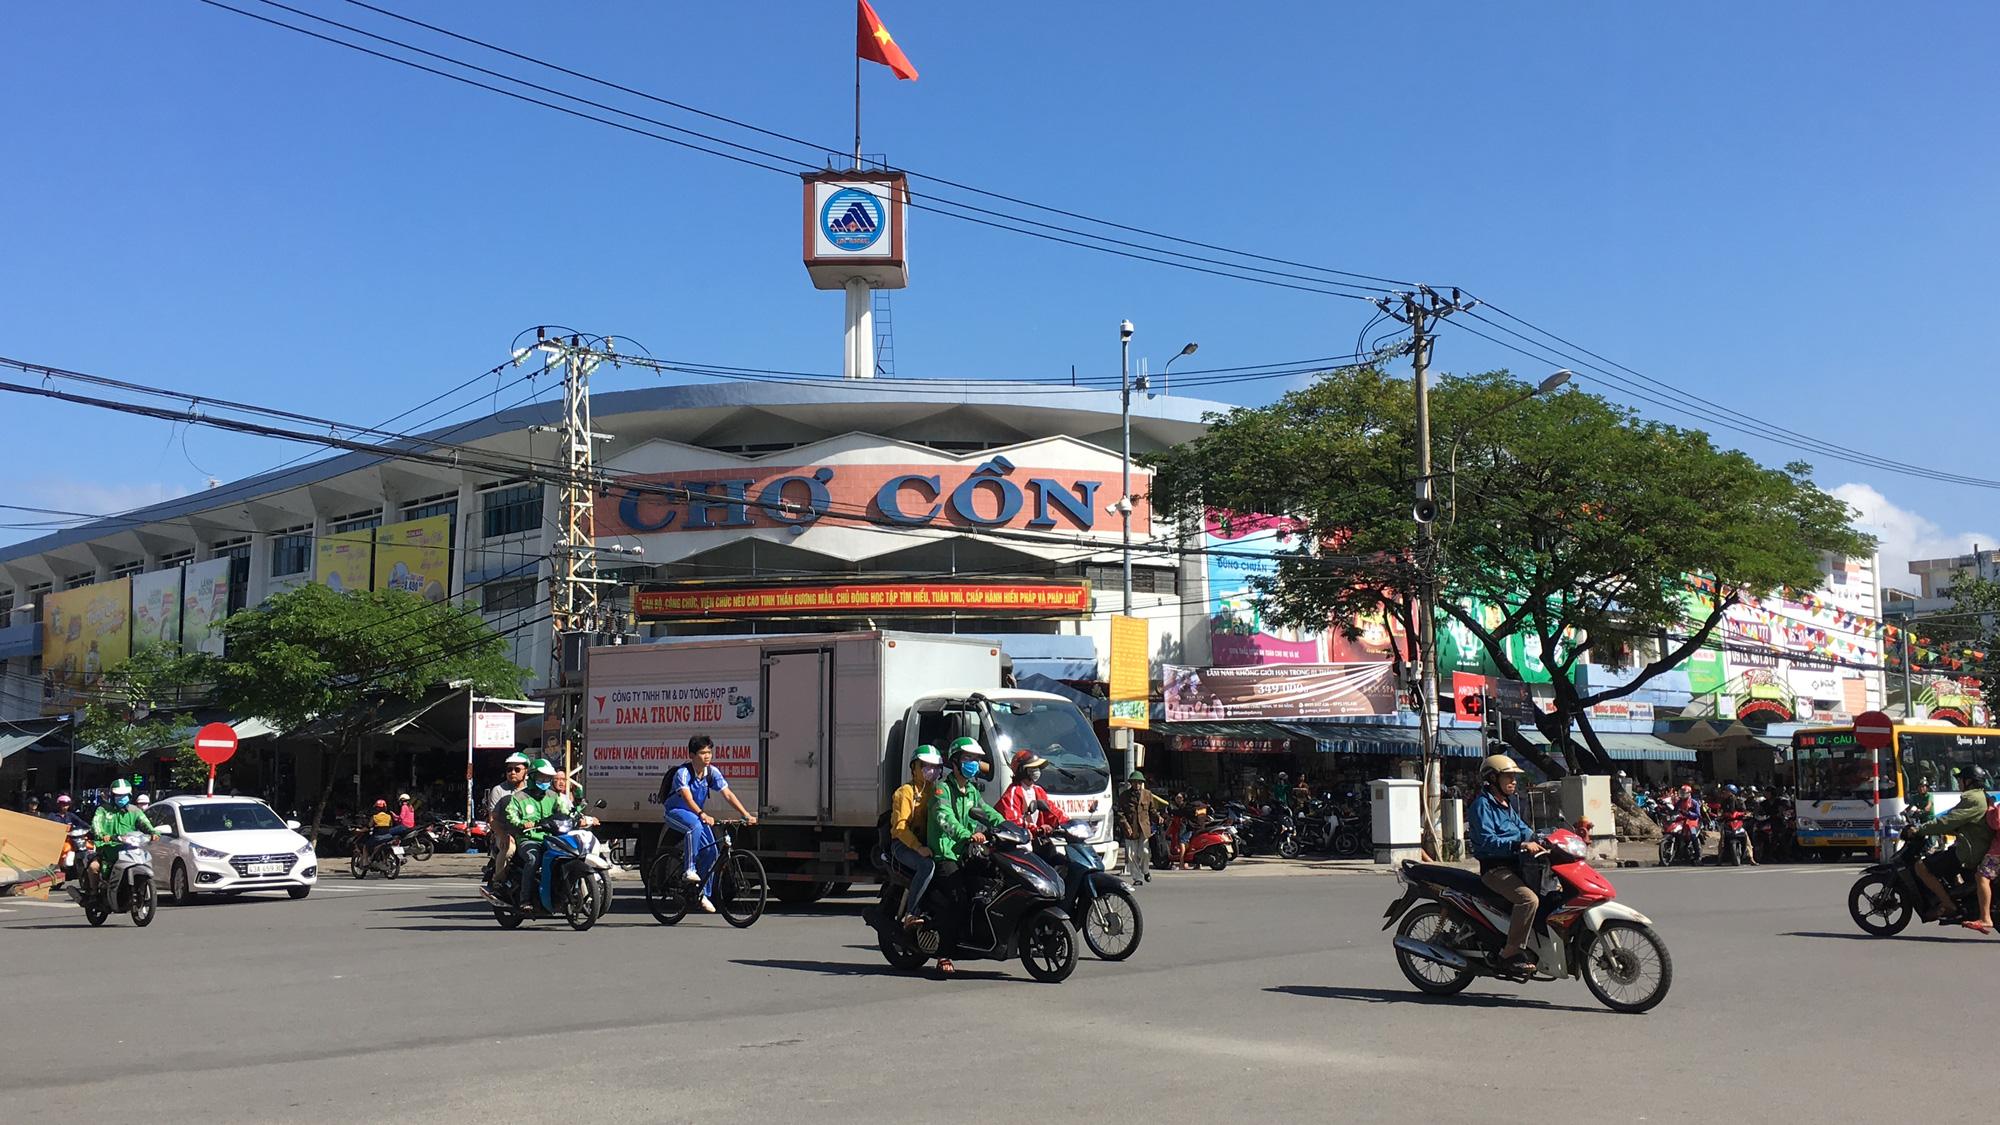 Đà Nẵng sẽ có chợ hiện đại tối đa 8 tầng, bãi đỗ xe đất vàng trung tâm thành phố - Ảnh 1.